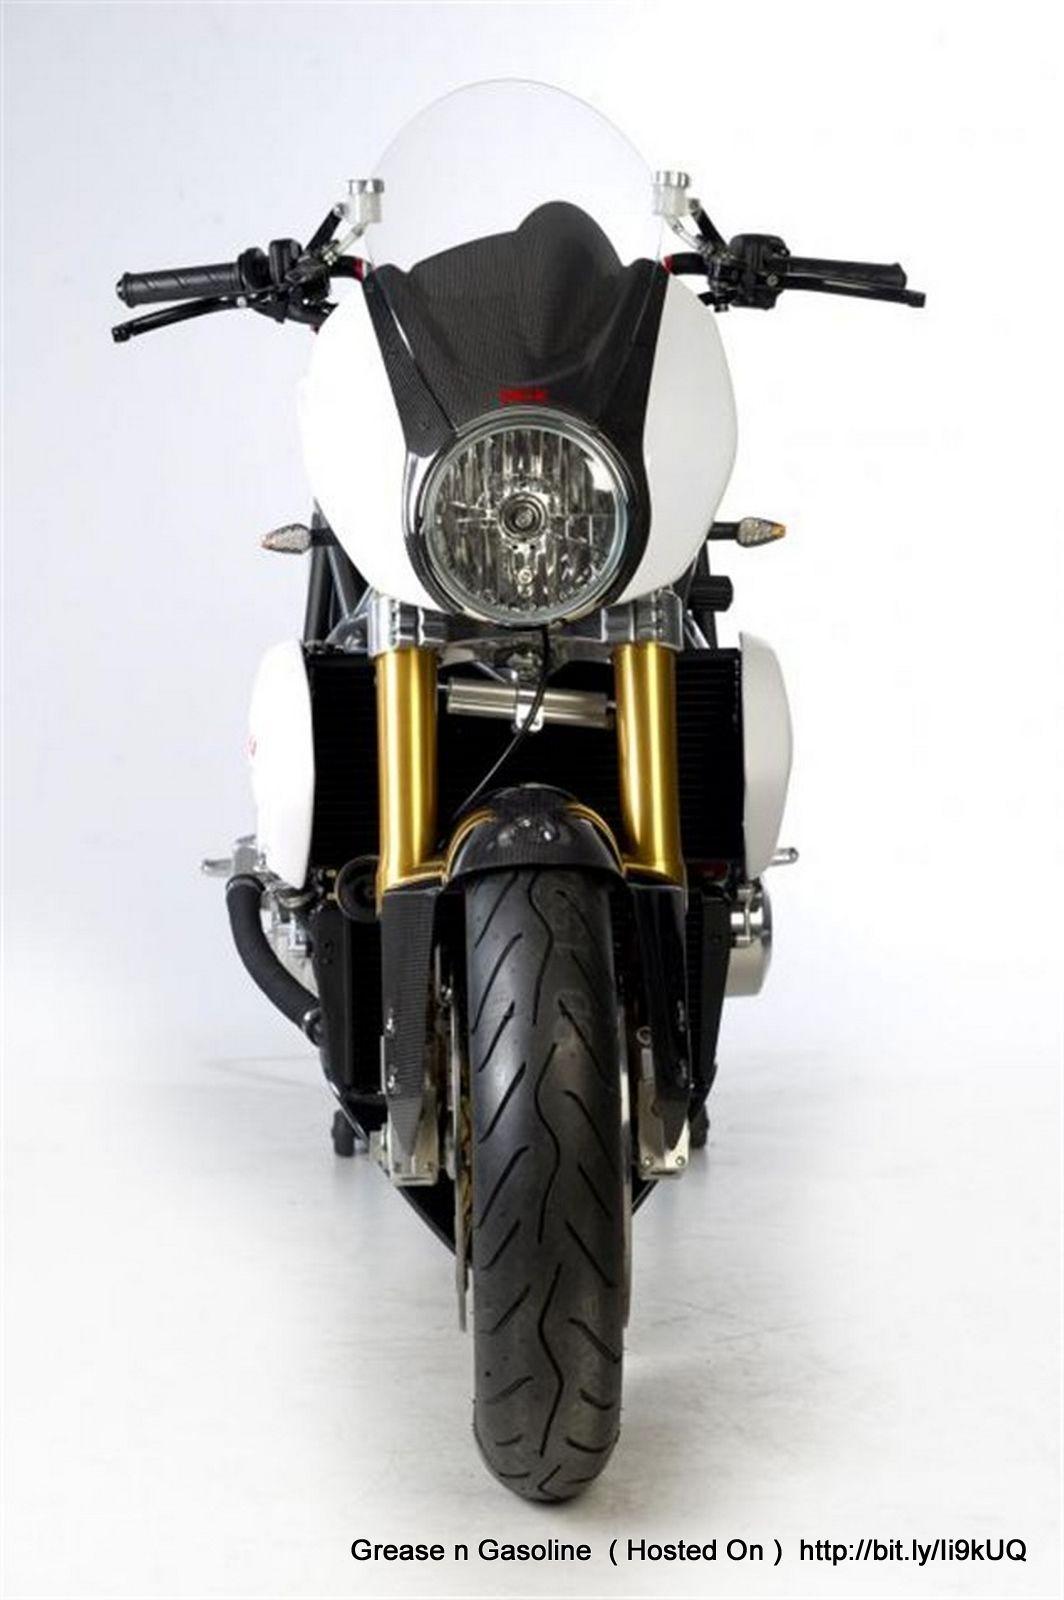 http://3.bp.blogspot.com/-RQ3r60uARwk/T6U2WJ47nNI/AAAAAAAATEg/gyxMp-maAk0/s1600/Midalu-FGR-2500-V6-Revolutionary-Naked-Bike-front-design-view-5.jpg